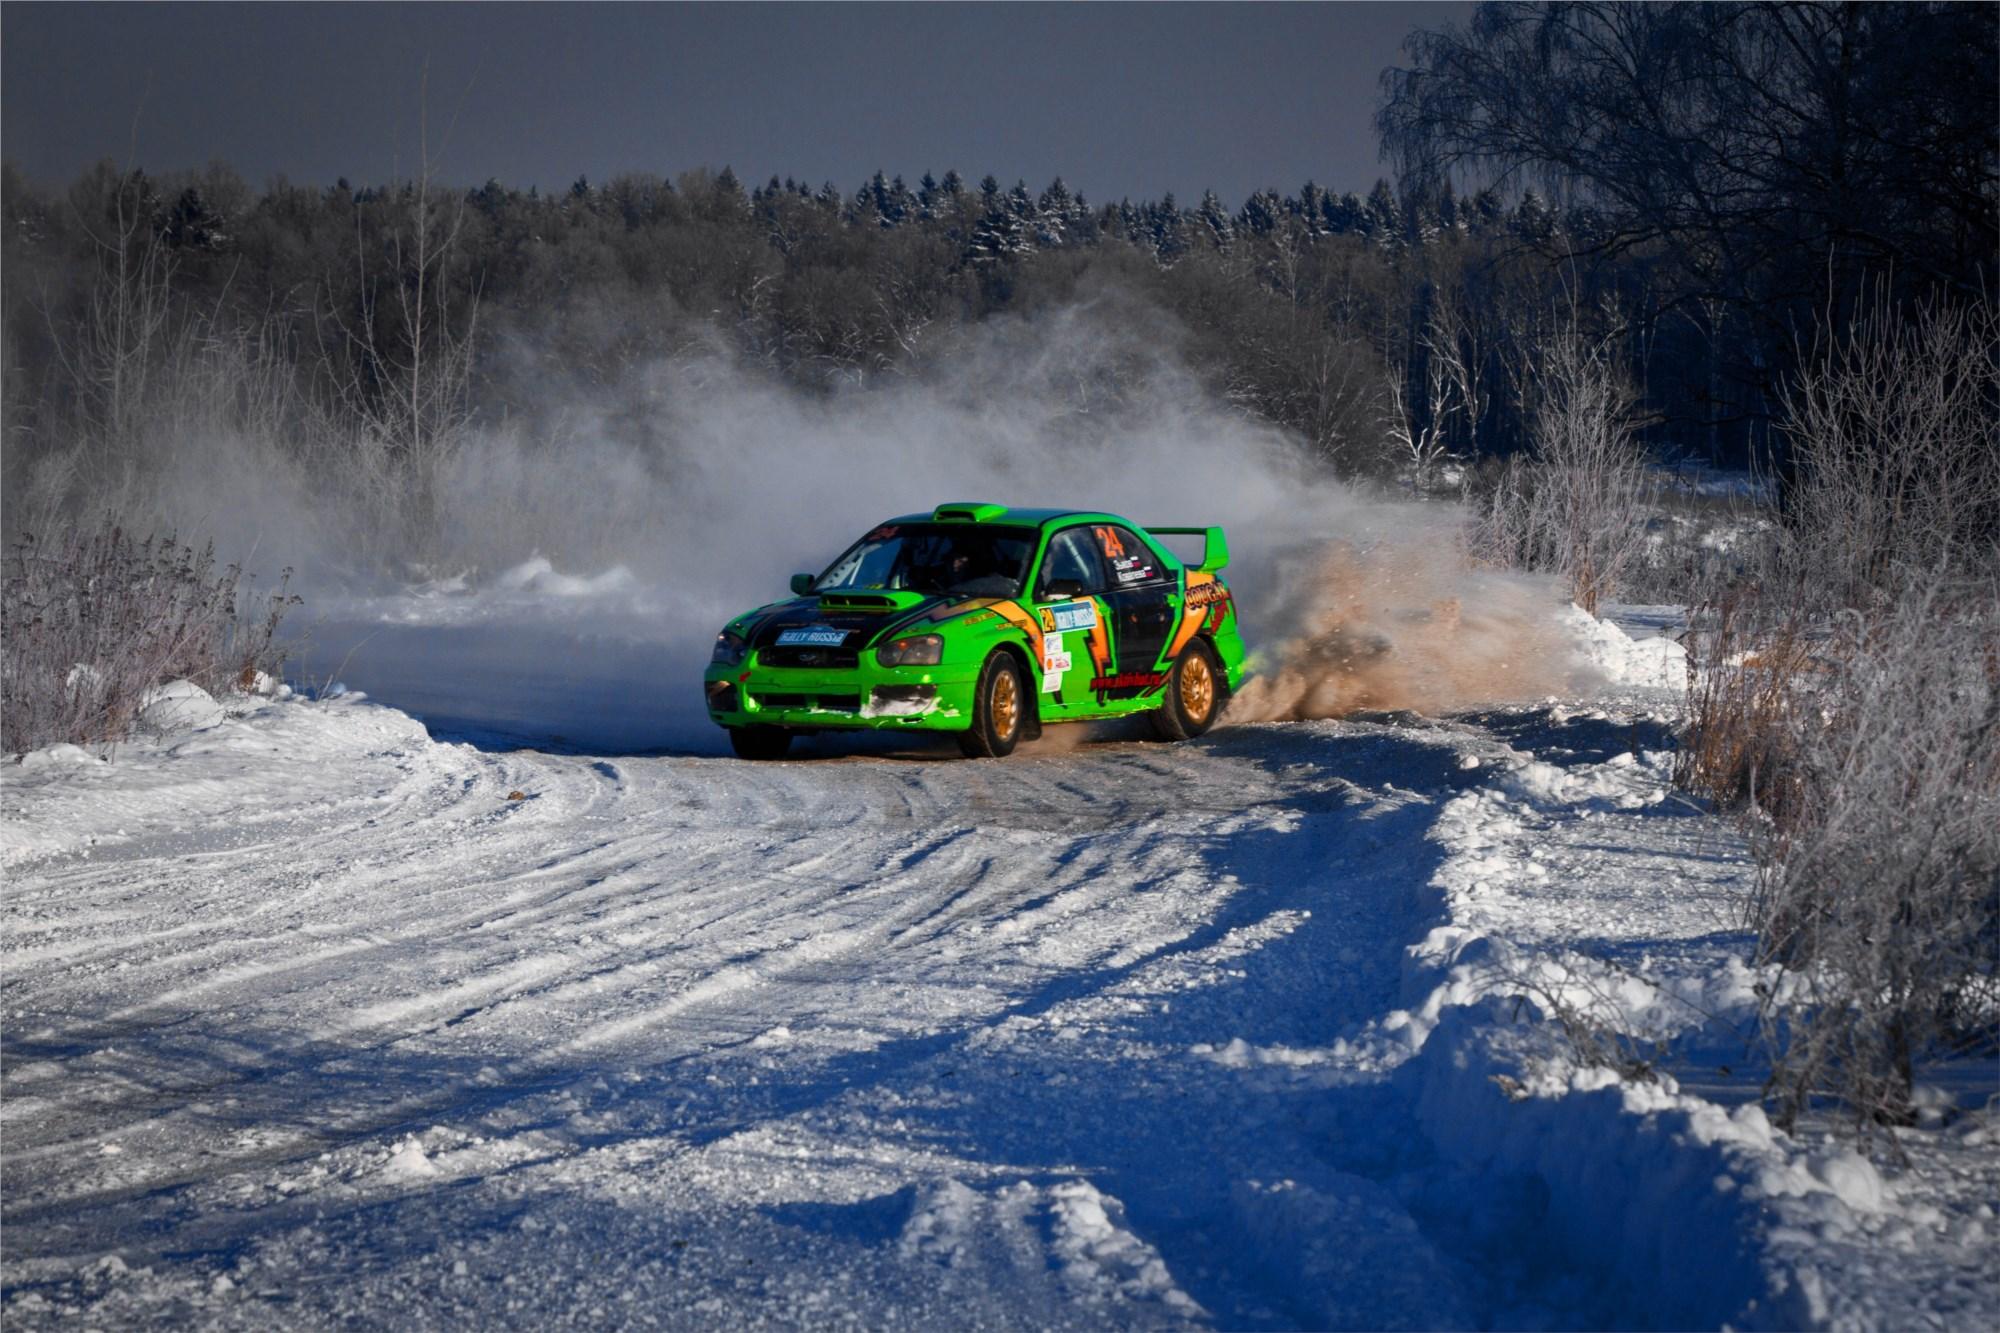 Мастер-класс экстремального вождения «Снежный вихрь»